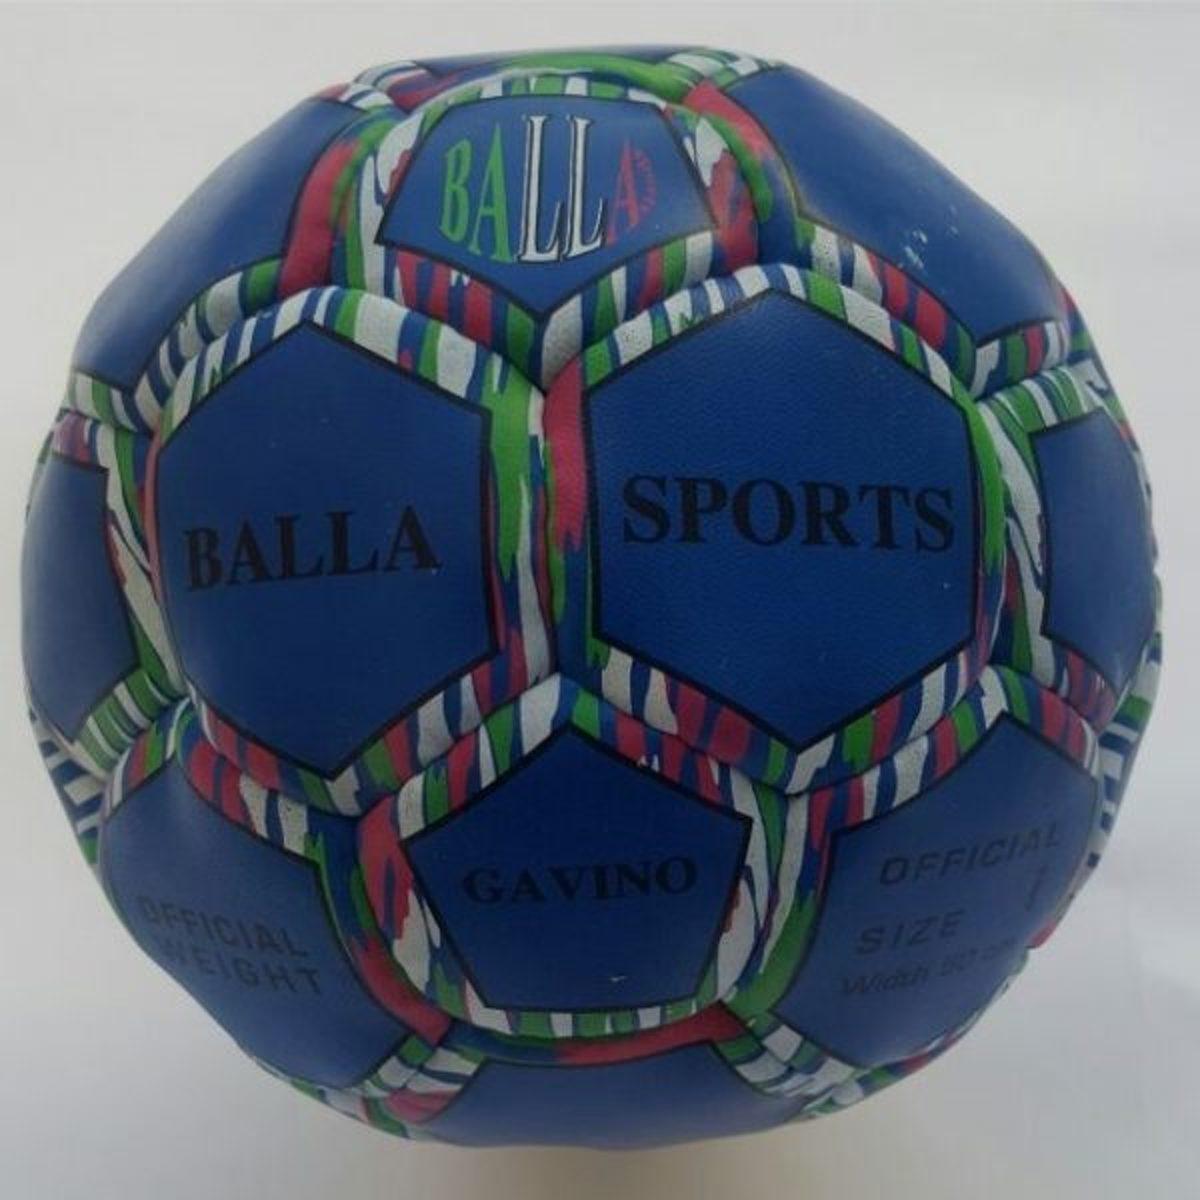 Handbal Jongens en Heren blauw Gavino maat 0 kopen